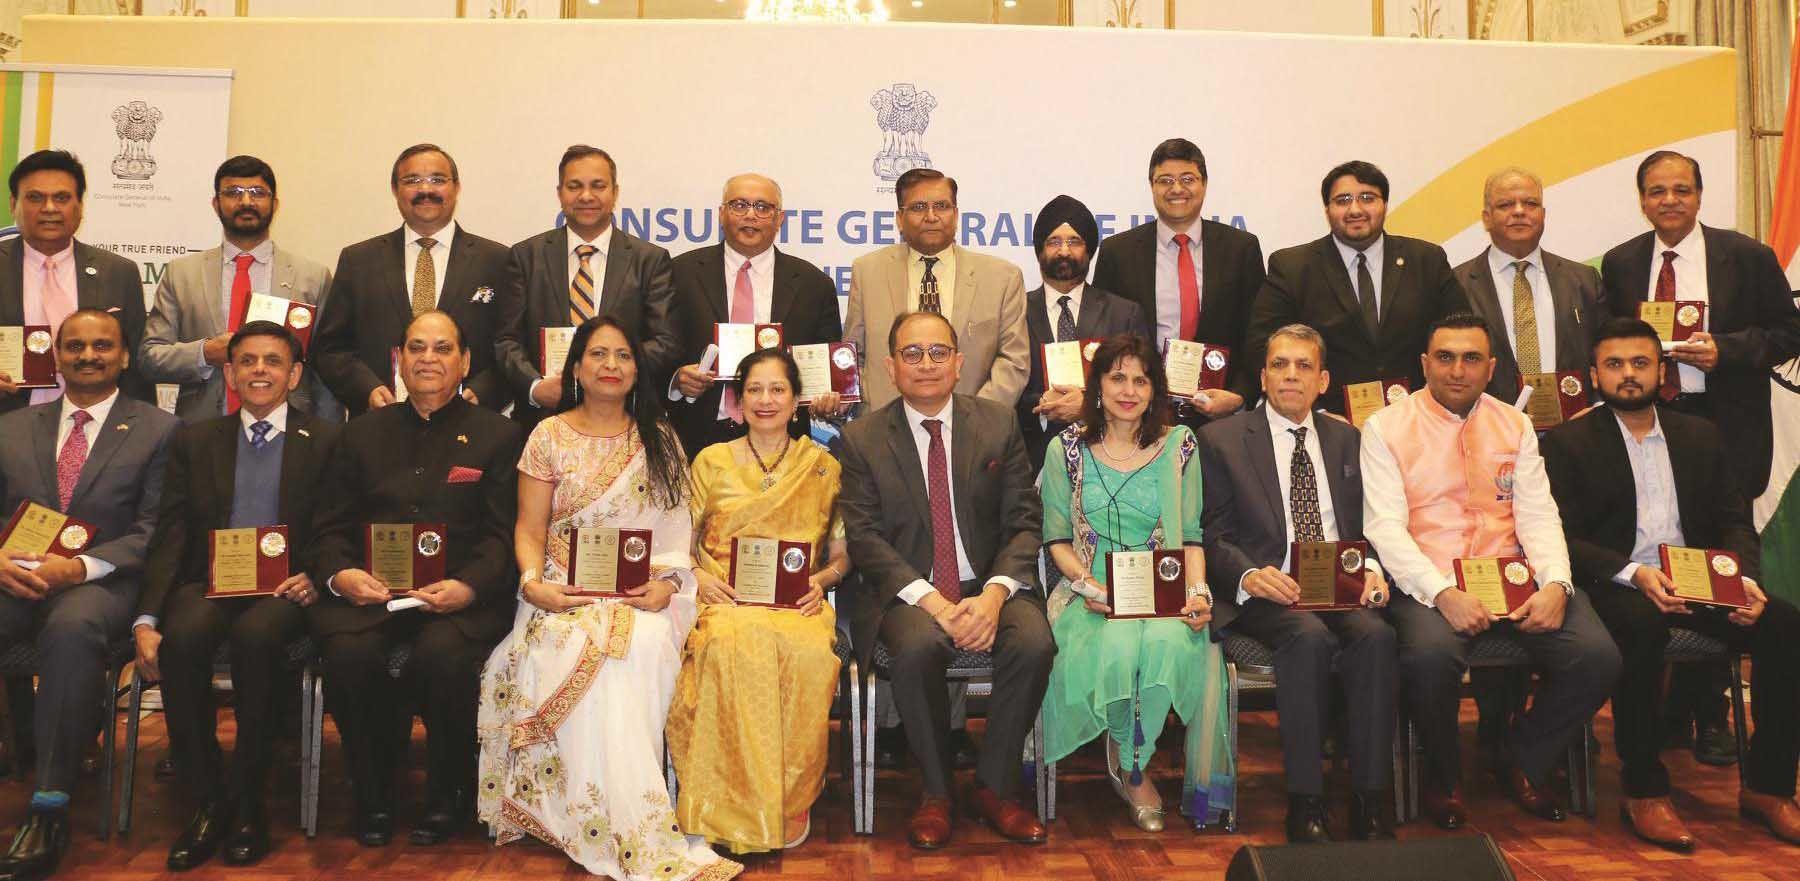 Pelayanan yang ada di Consulate General of India, Atlanta, Amerika